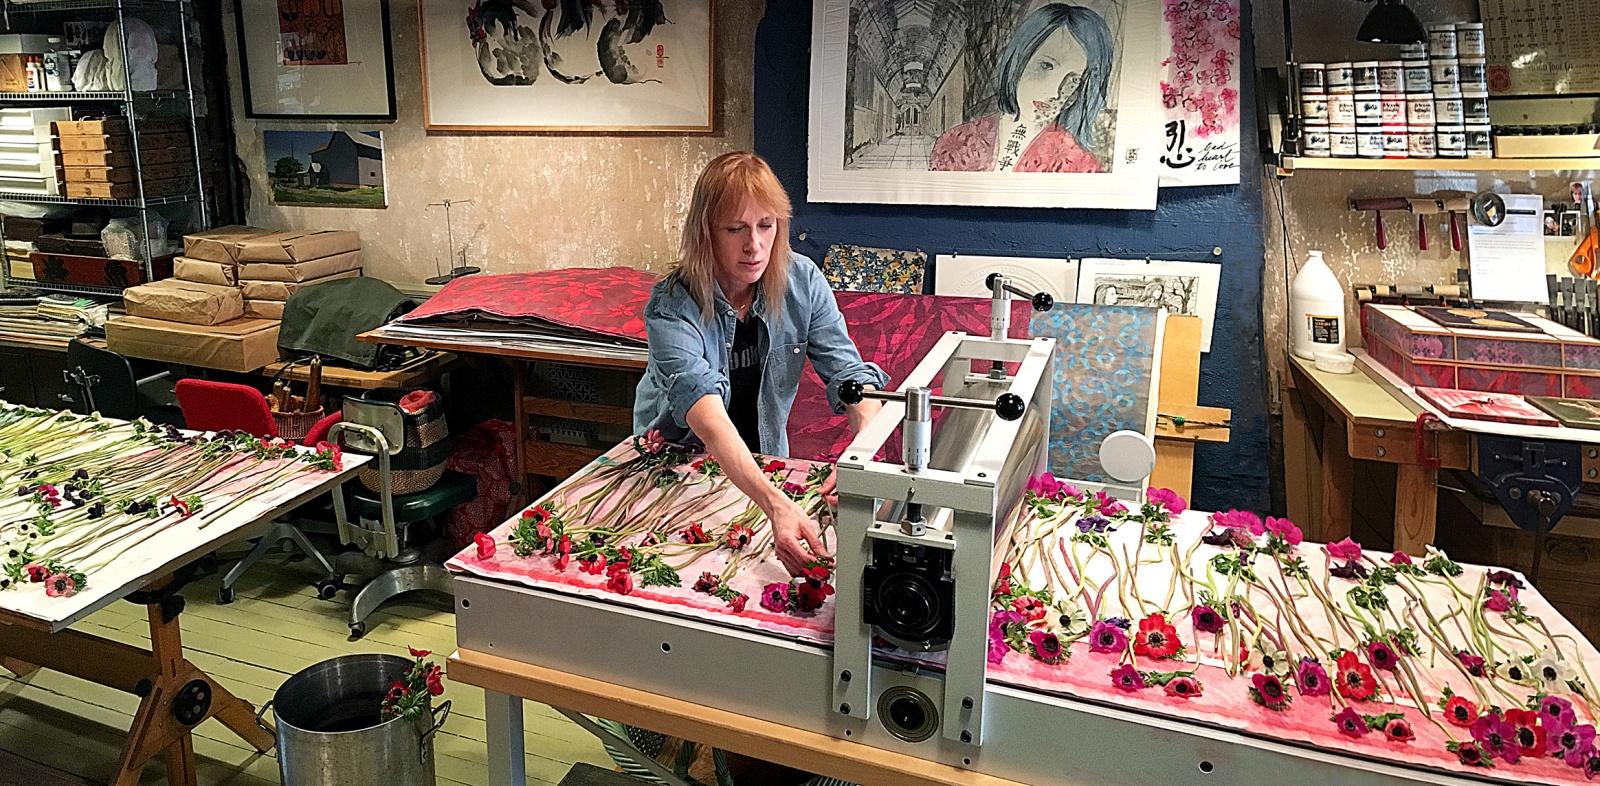 PD Packard artist and printmaker